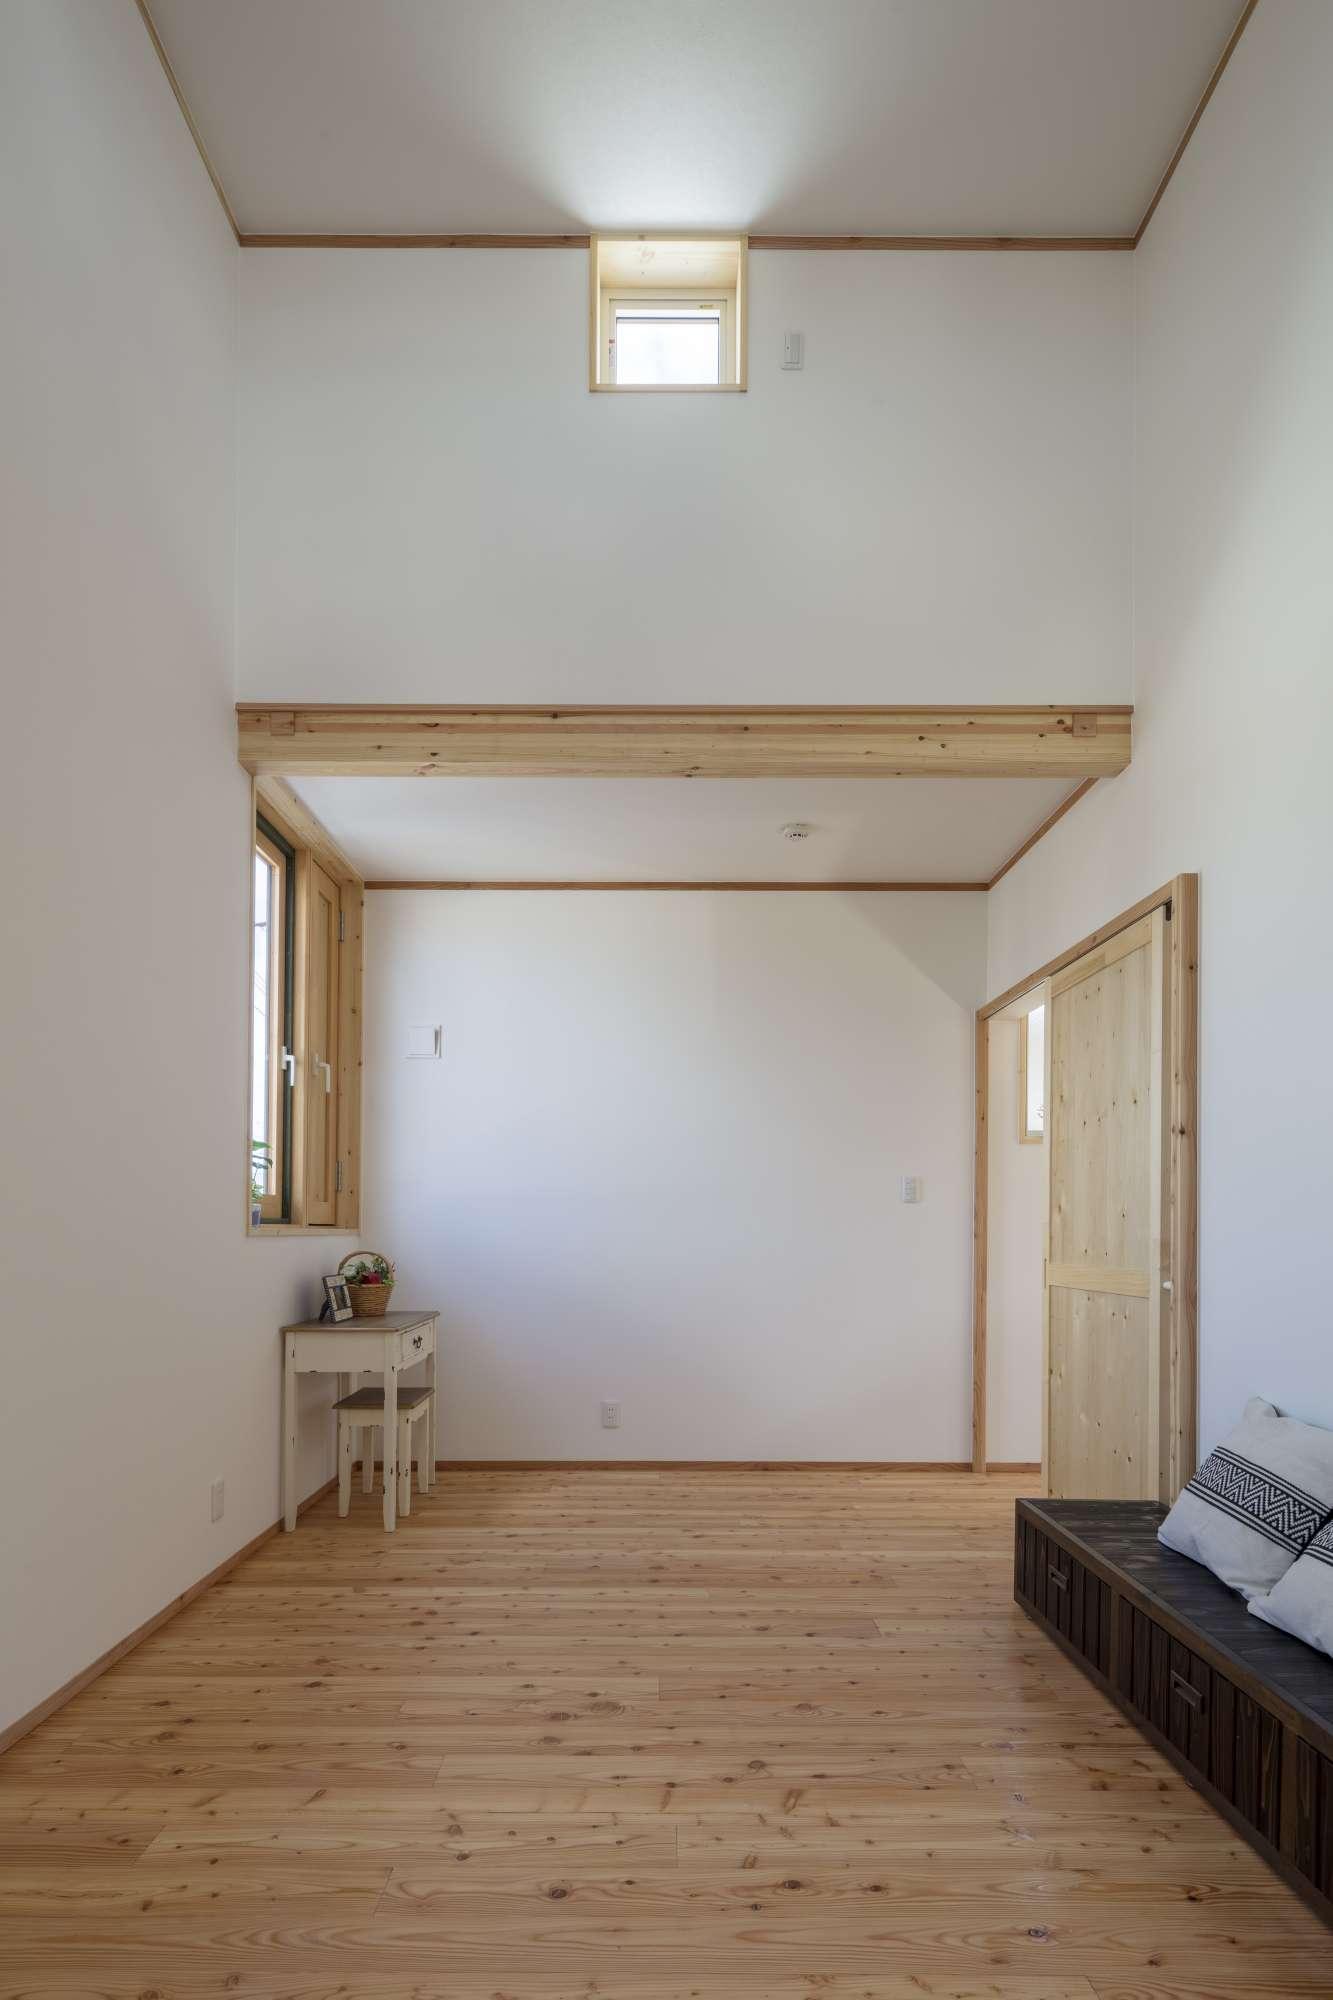 天井が高く様々な用途に使用できる空間。間仕切、小屋裏収納スペース造作可 -  -  -